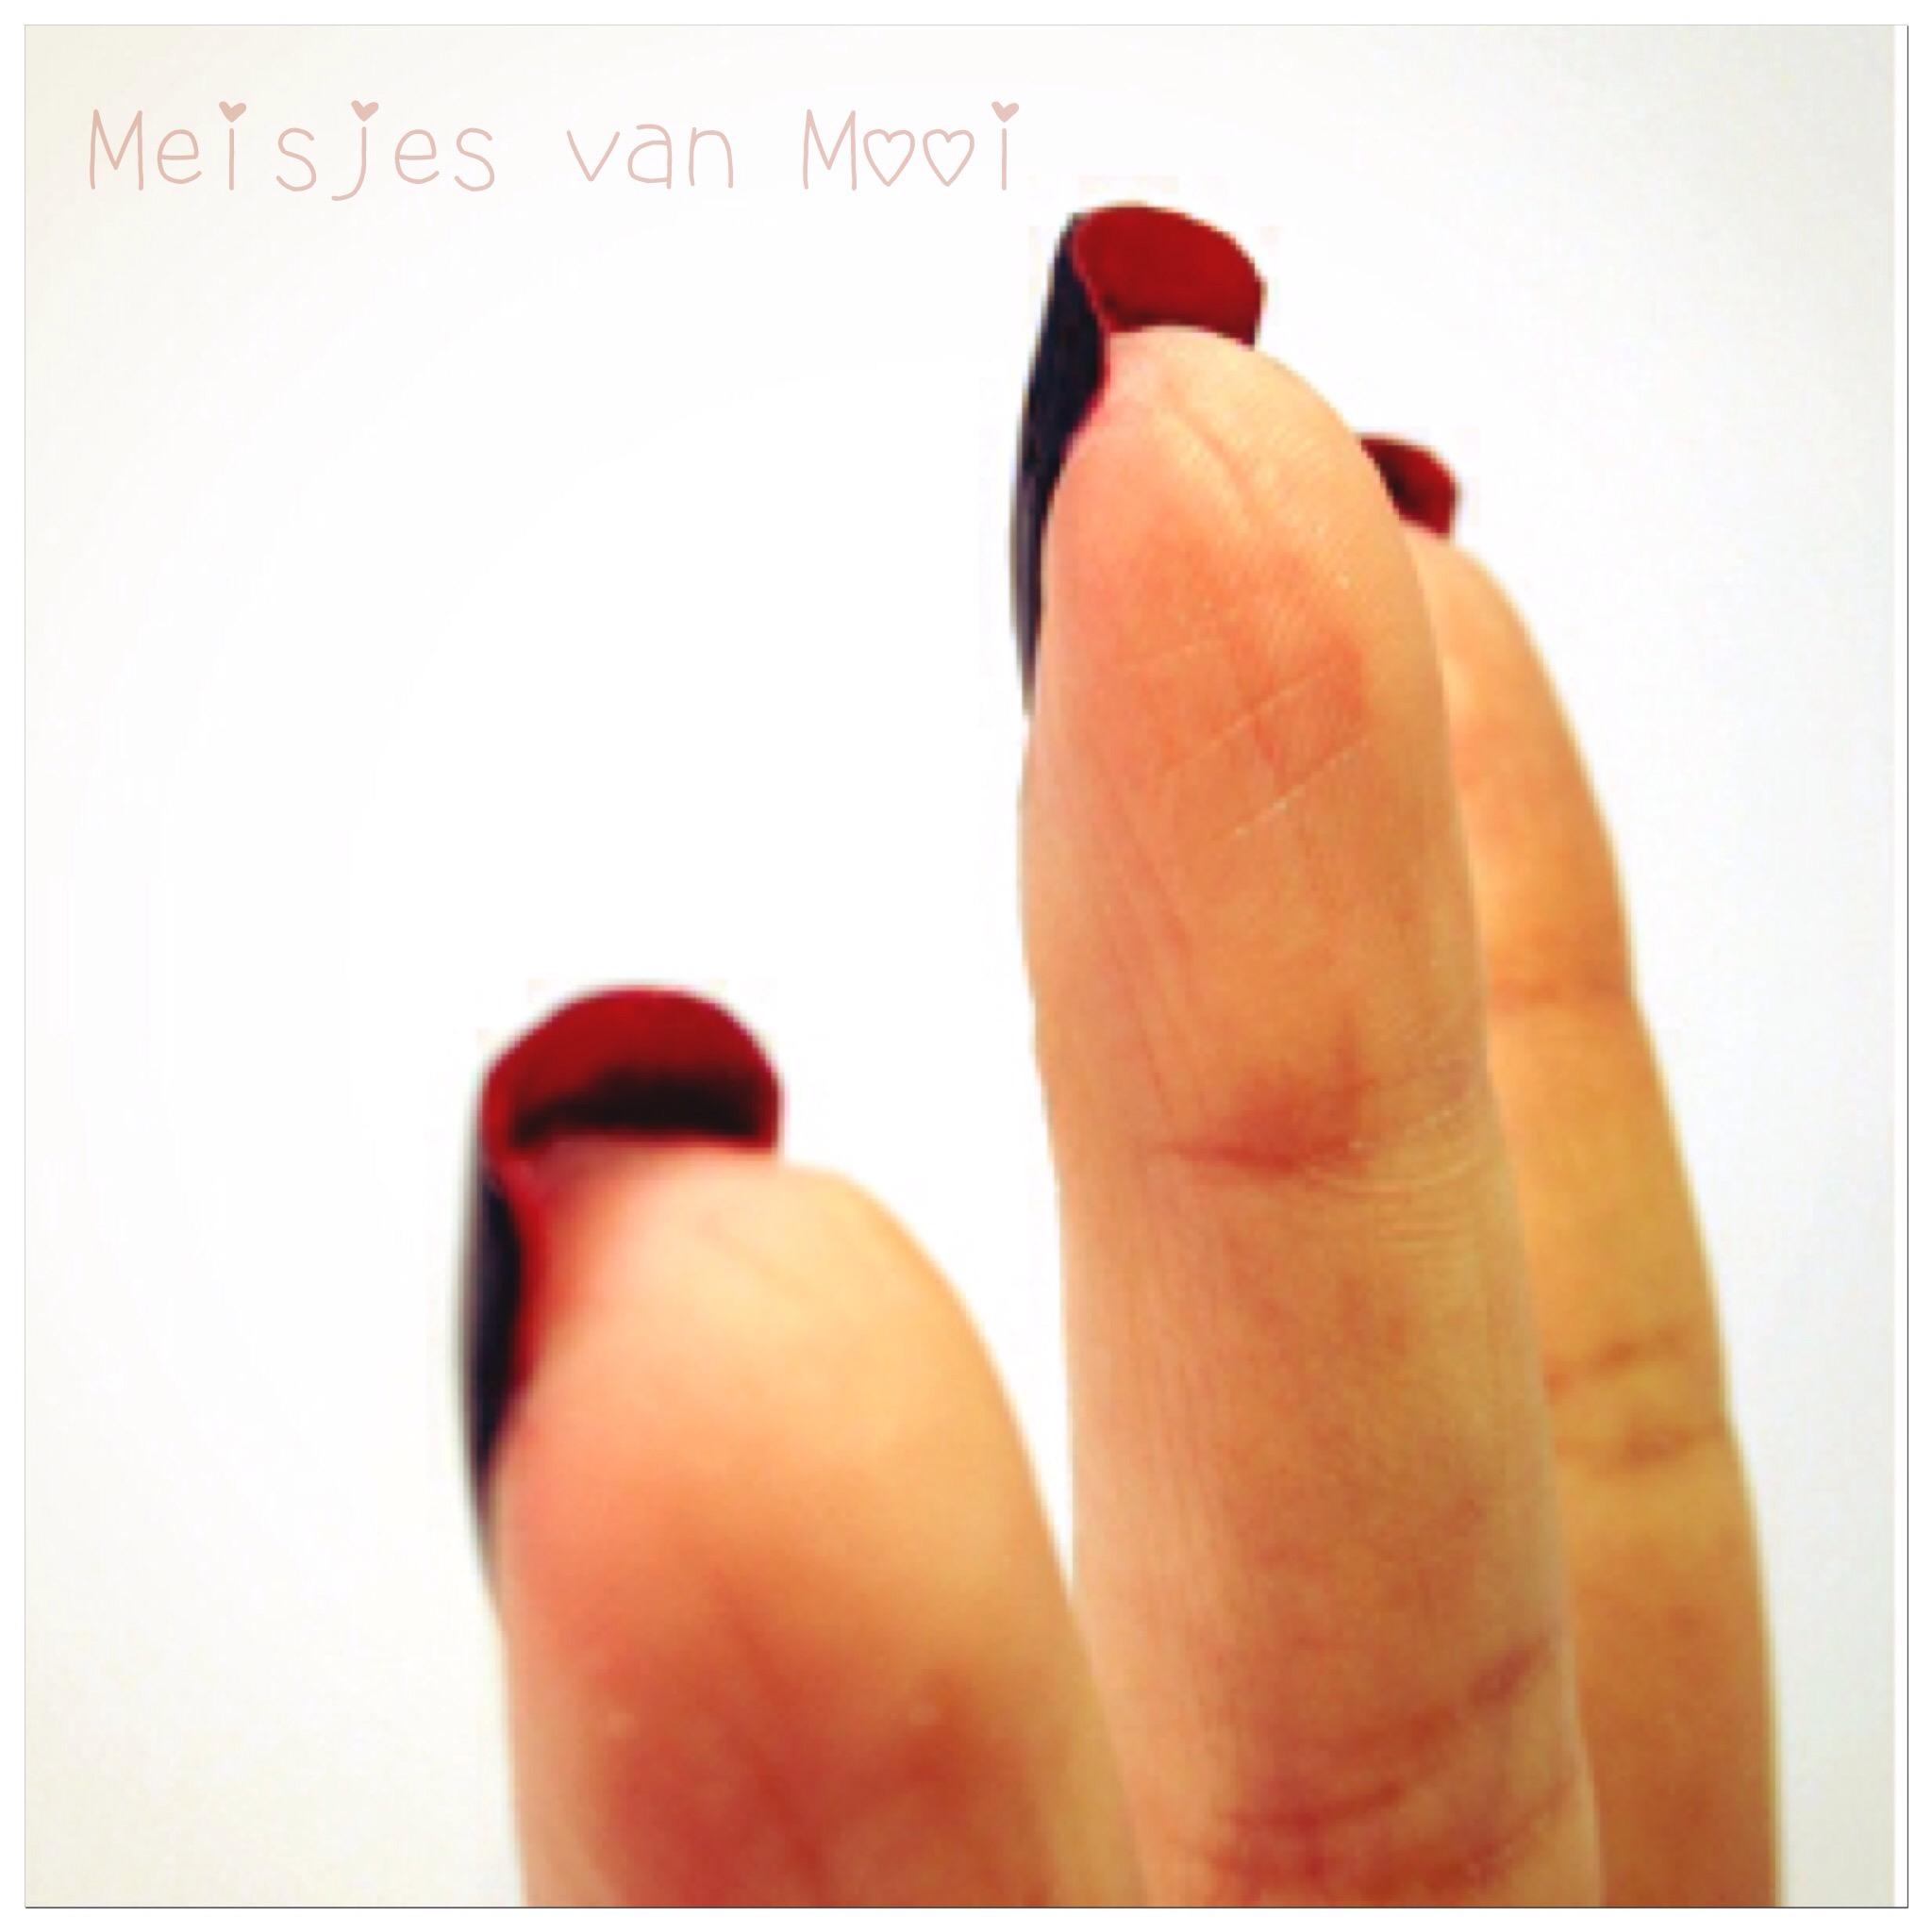 nagels | www.meisjesvanmooi.nl | Pagina 2